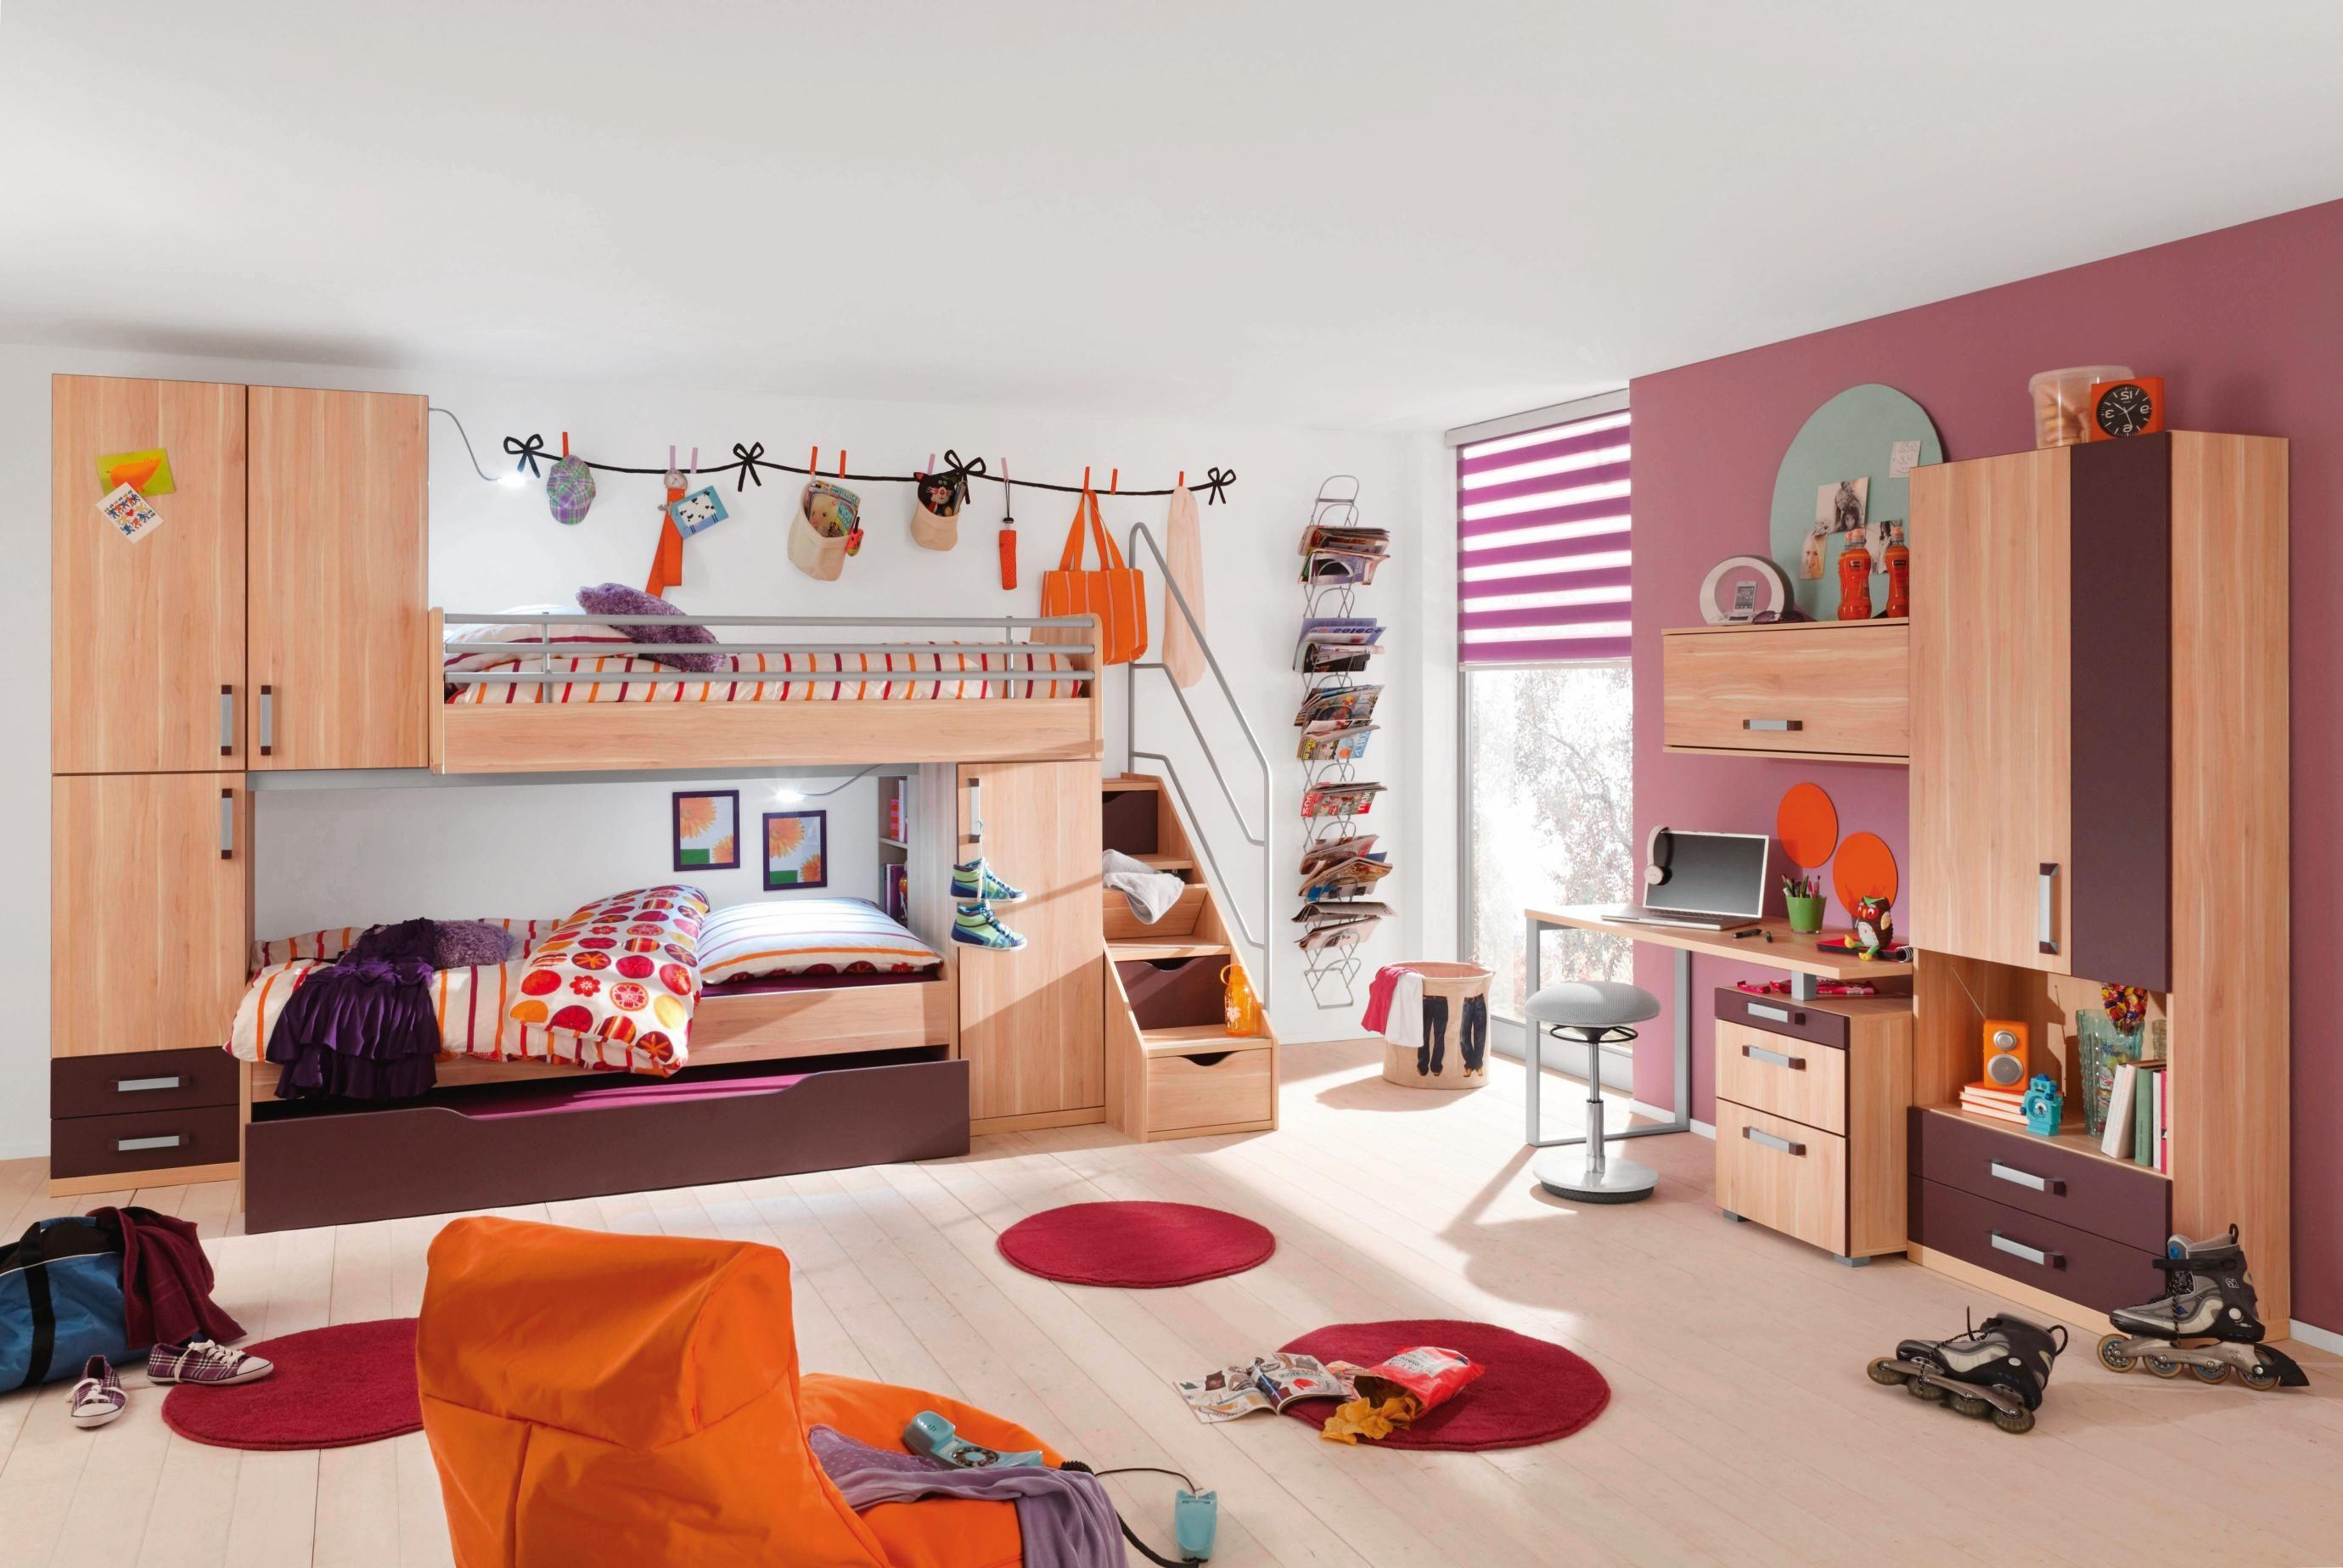 Jugendzimmer Von VENDA: Das Richtige Für Ihre Kleinen Lieblinge!